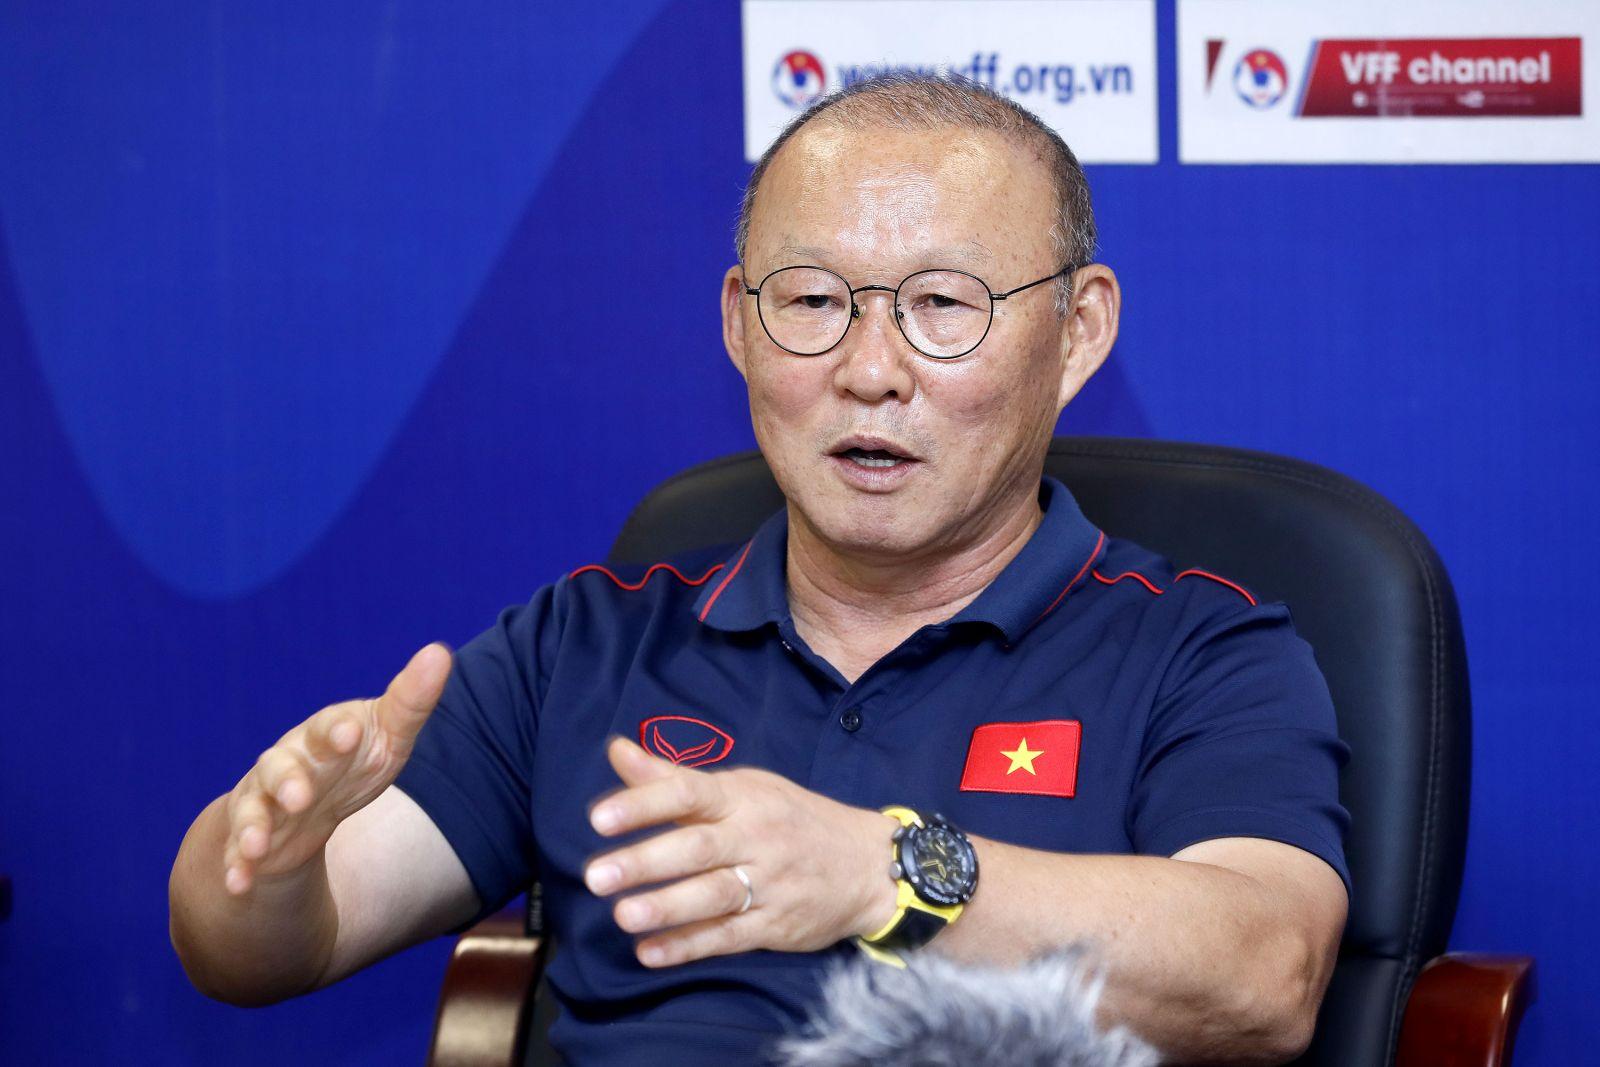 HLV Park Hang-seo: Tôi chỉ hài lòng 1 điều duy nhất ở trận đấu với Brunei - Bóng Đá